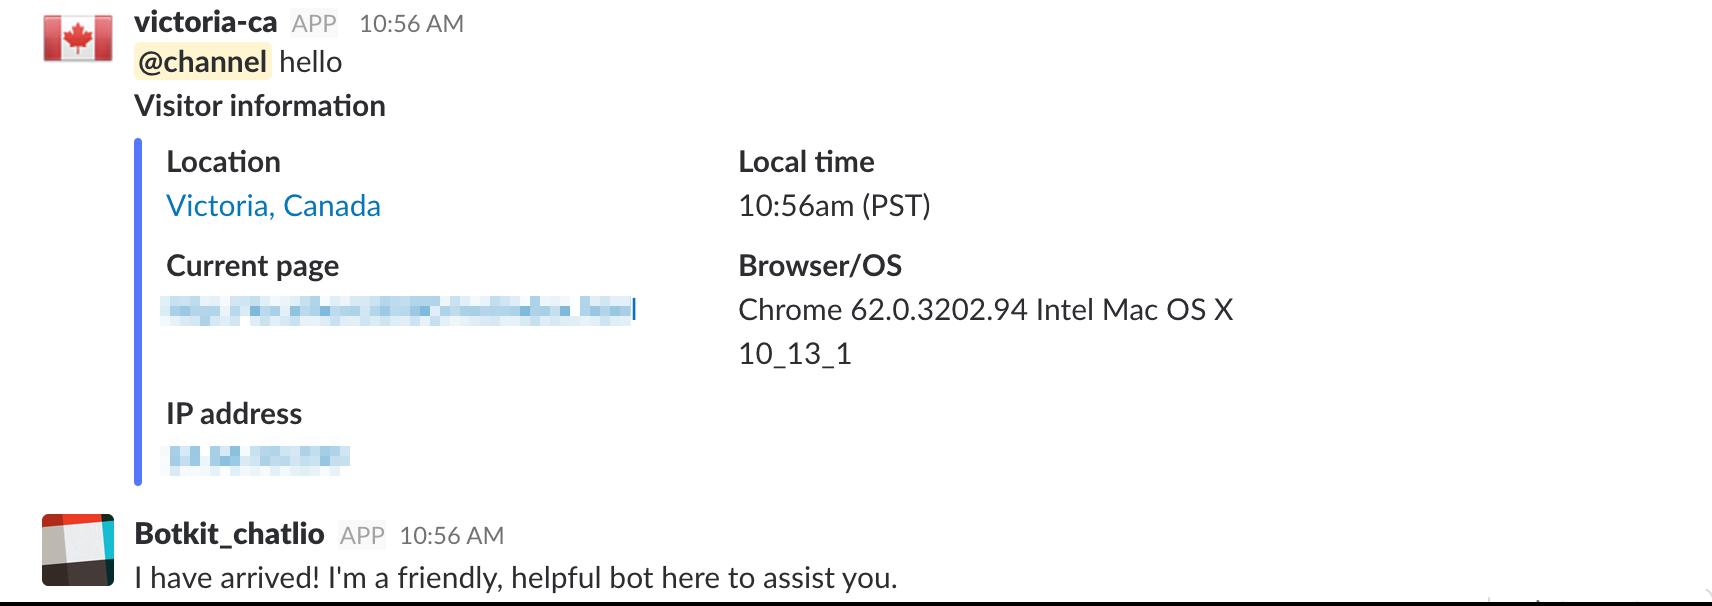 Chatlio bot responding in Slack